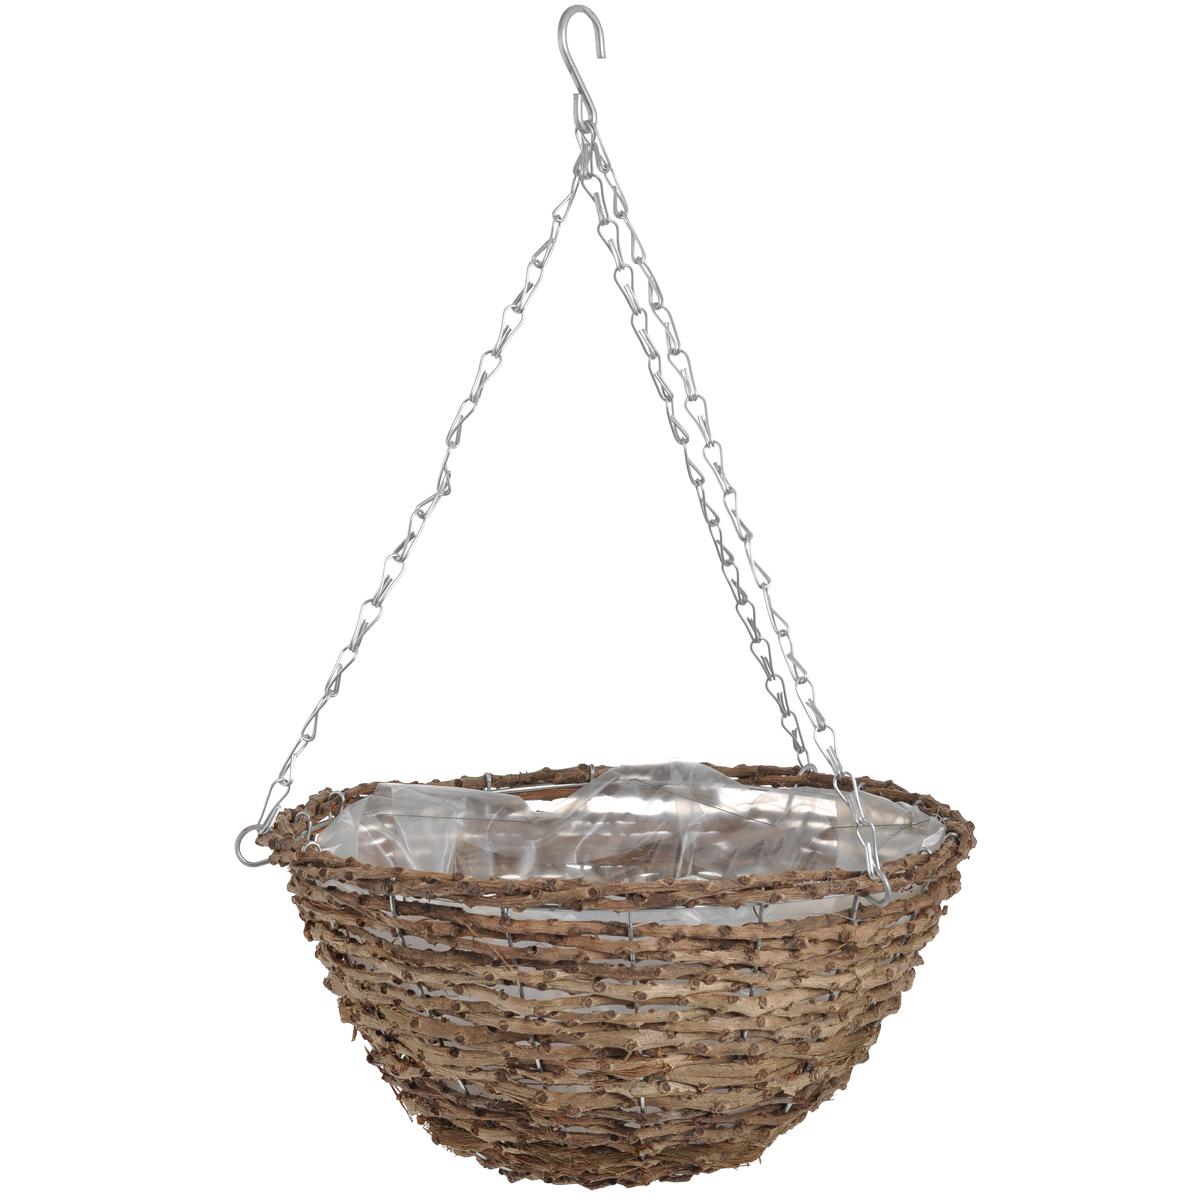 Корзина подвесная для цветов Gardman, диаметр 35 см. 0203502035Подвесная плетеная корзина Gardman изготовлена из рустика. Каркас выполнен из металла. Корзина уже оснащена специальной пленкой и полностью готова для посадки растений. Прекрасно подходит для цветов. Подвешивается с помощью специальной тройной металлической цепи с крючком. Кашпо часто становятся последним штрихом, который совершенно изменяет интерьер помещения или ландшафтный дизайн сада. Благодаря такому кашпо вы сможете украсить вашу комнату, офис или сад.